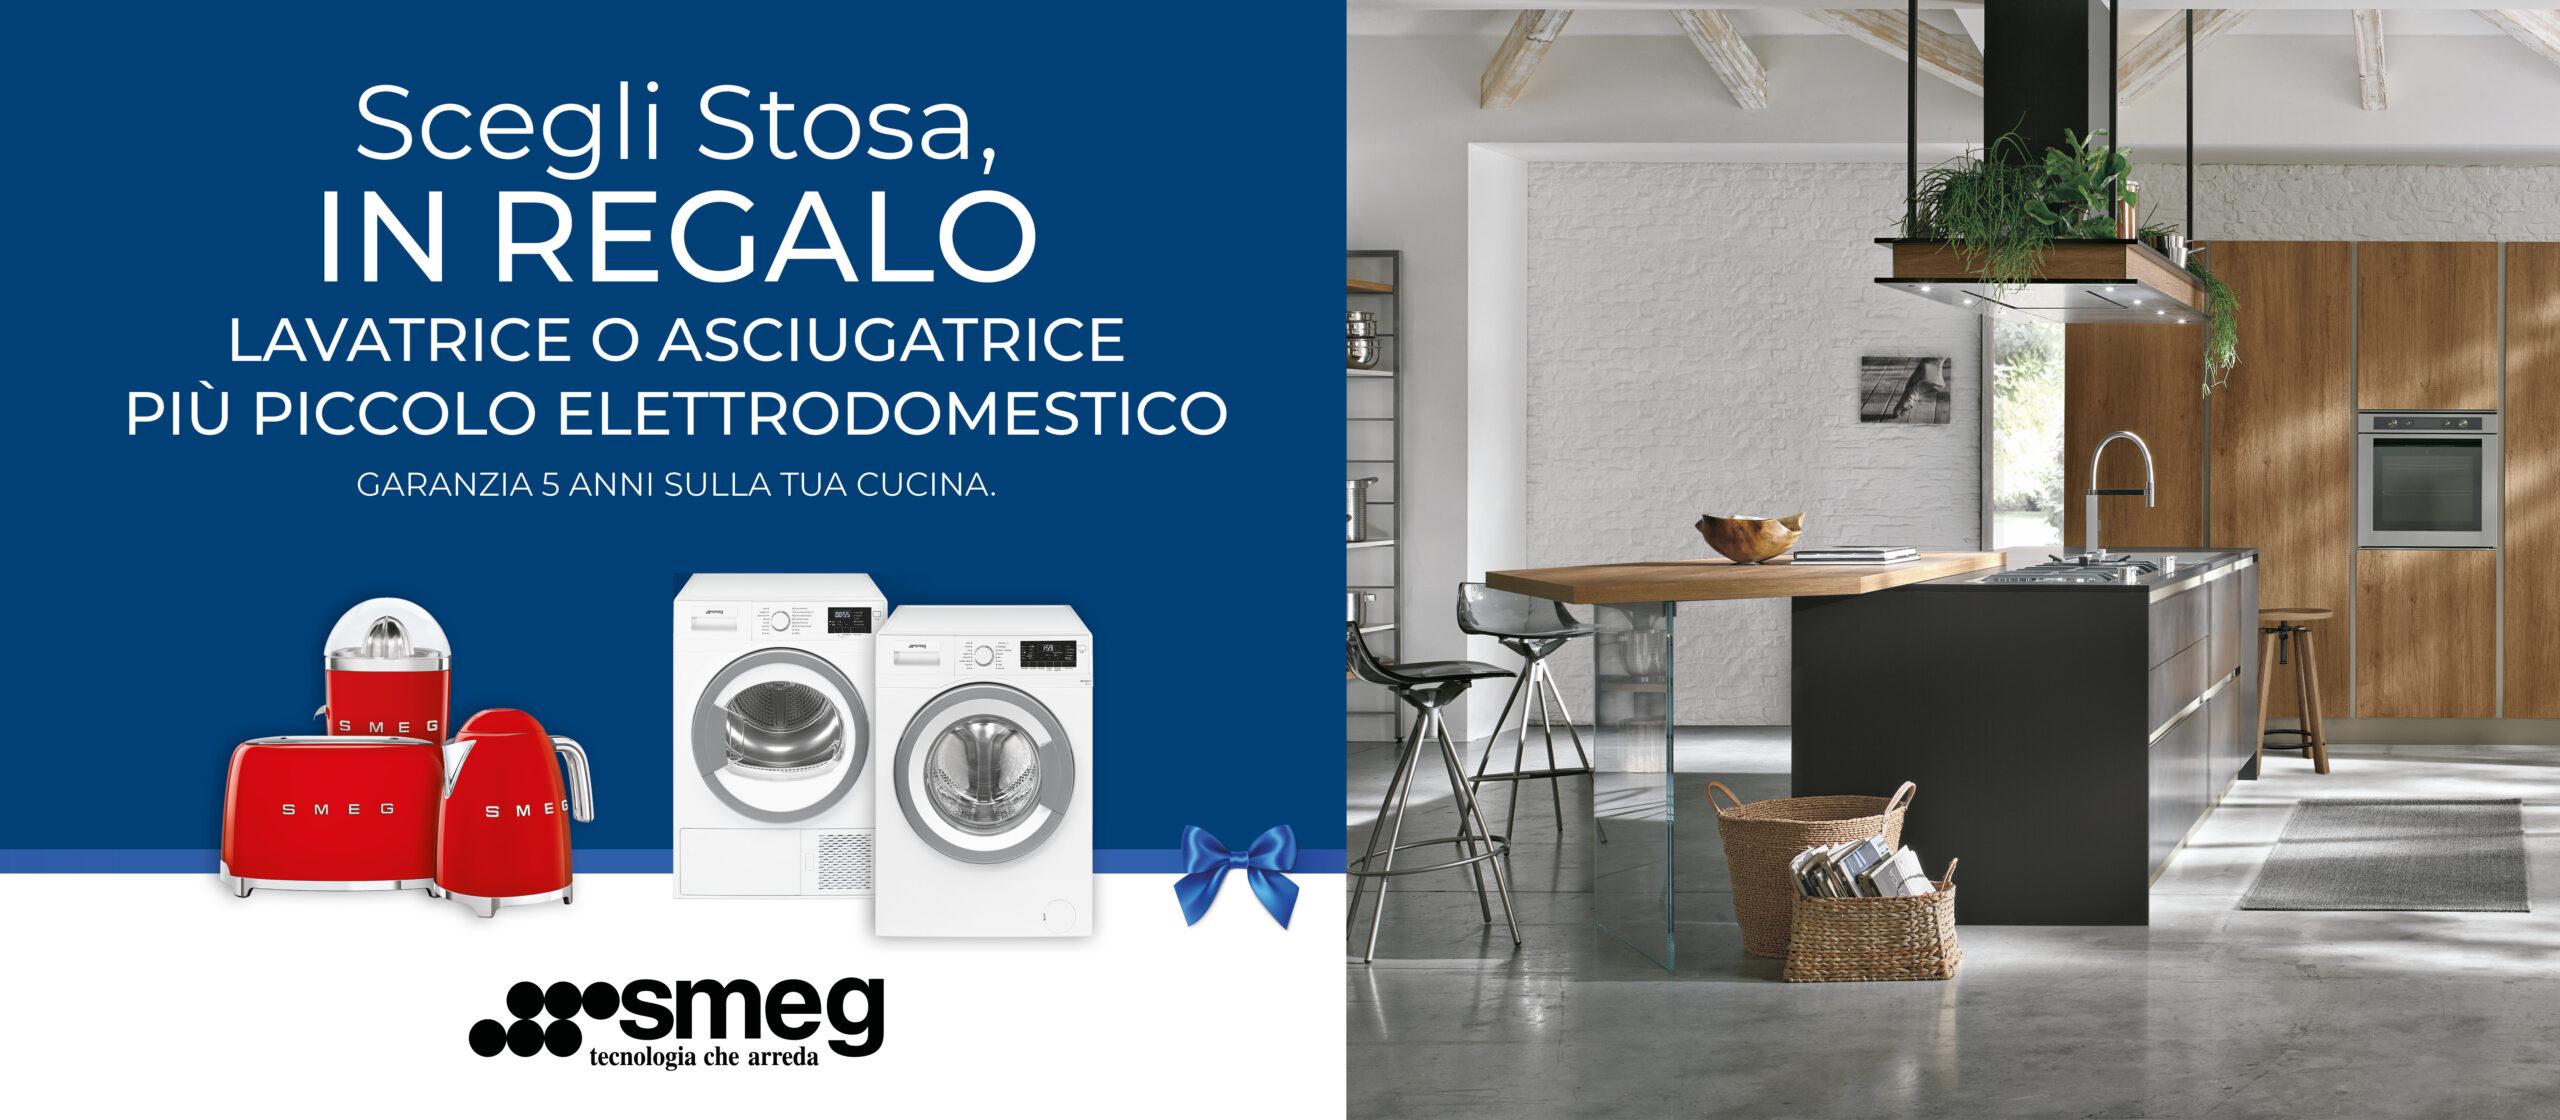 Promo Stosa: lavatrice o asciugatrice Smeg + piccolo elettrodomestico